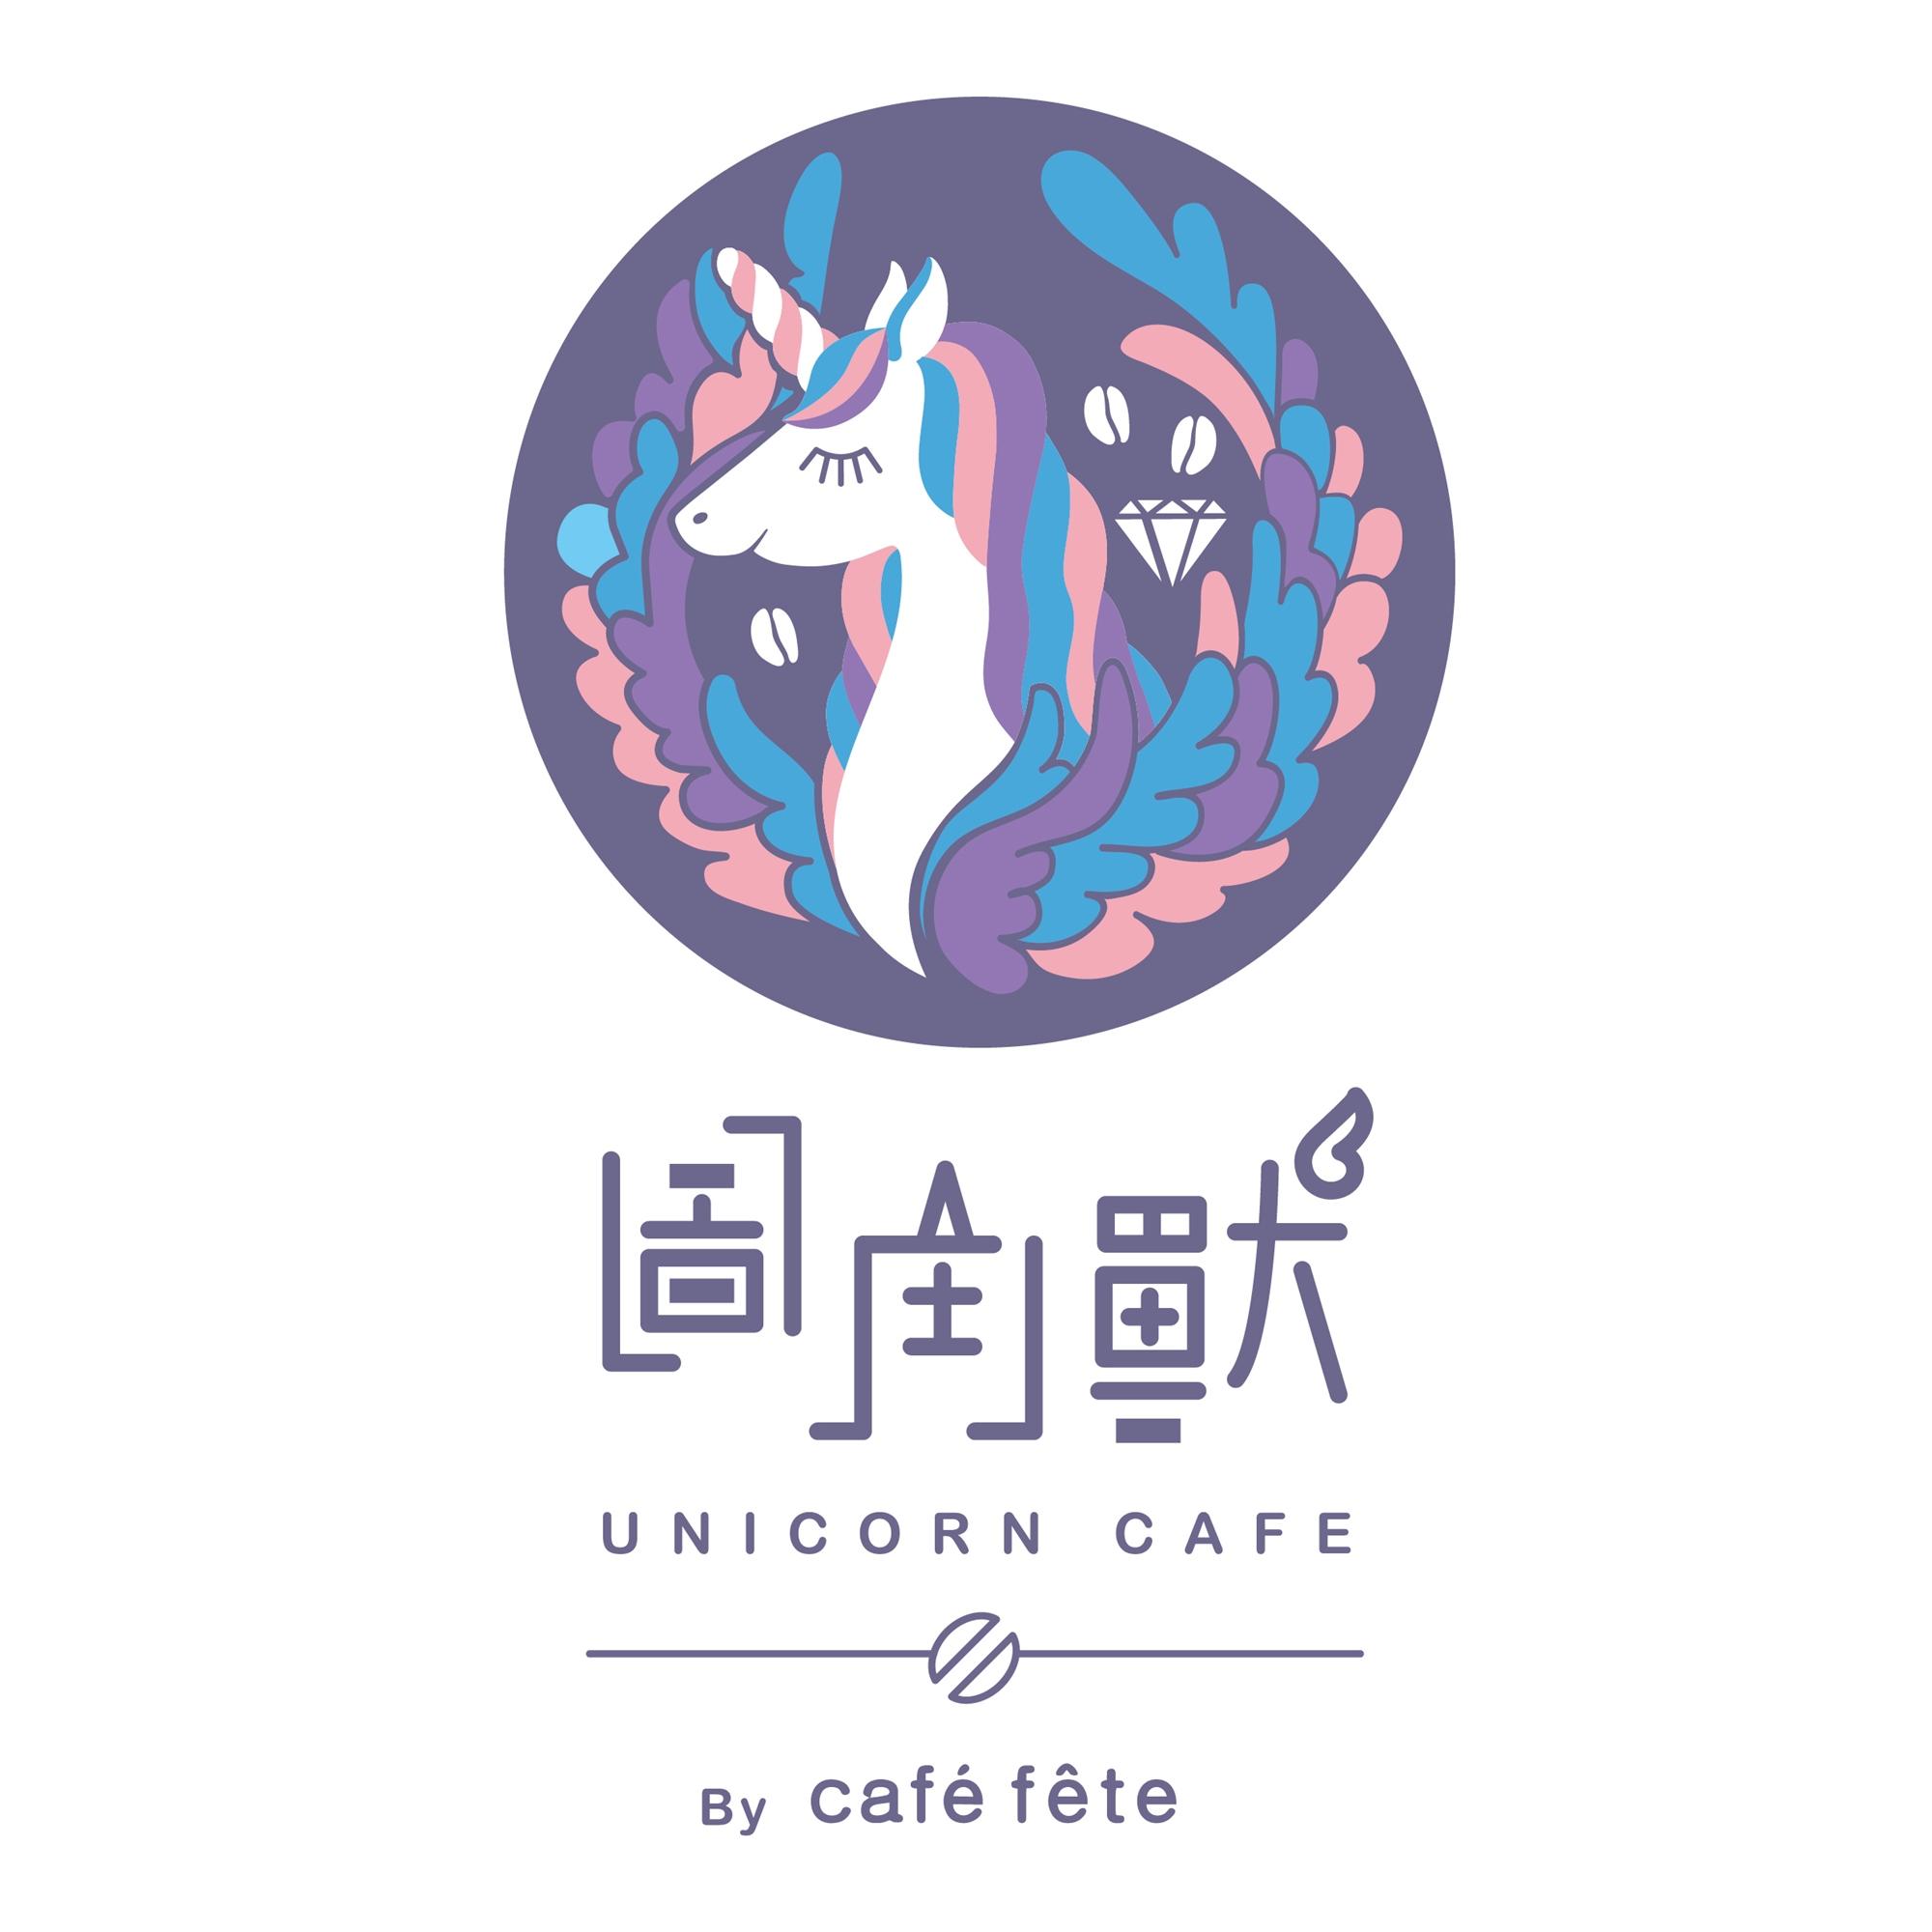 2019臺北毛孩趣旅行|寵物外出禮儀課程|Accupass 活動通